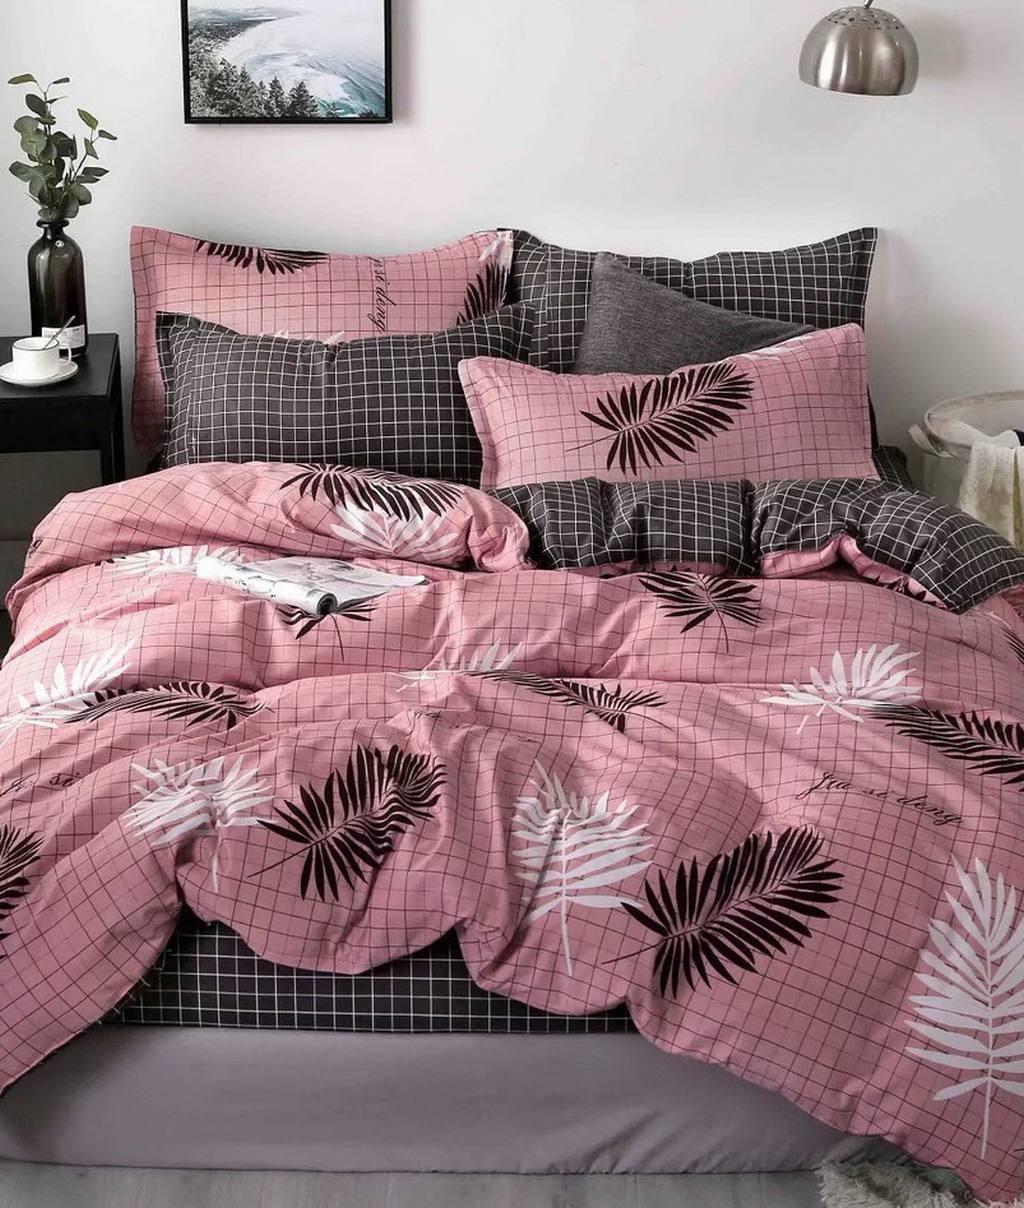 DomTextilu Ružové postené obliečky s motívom hnedých pierok 38161-180311